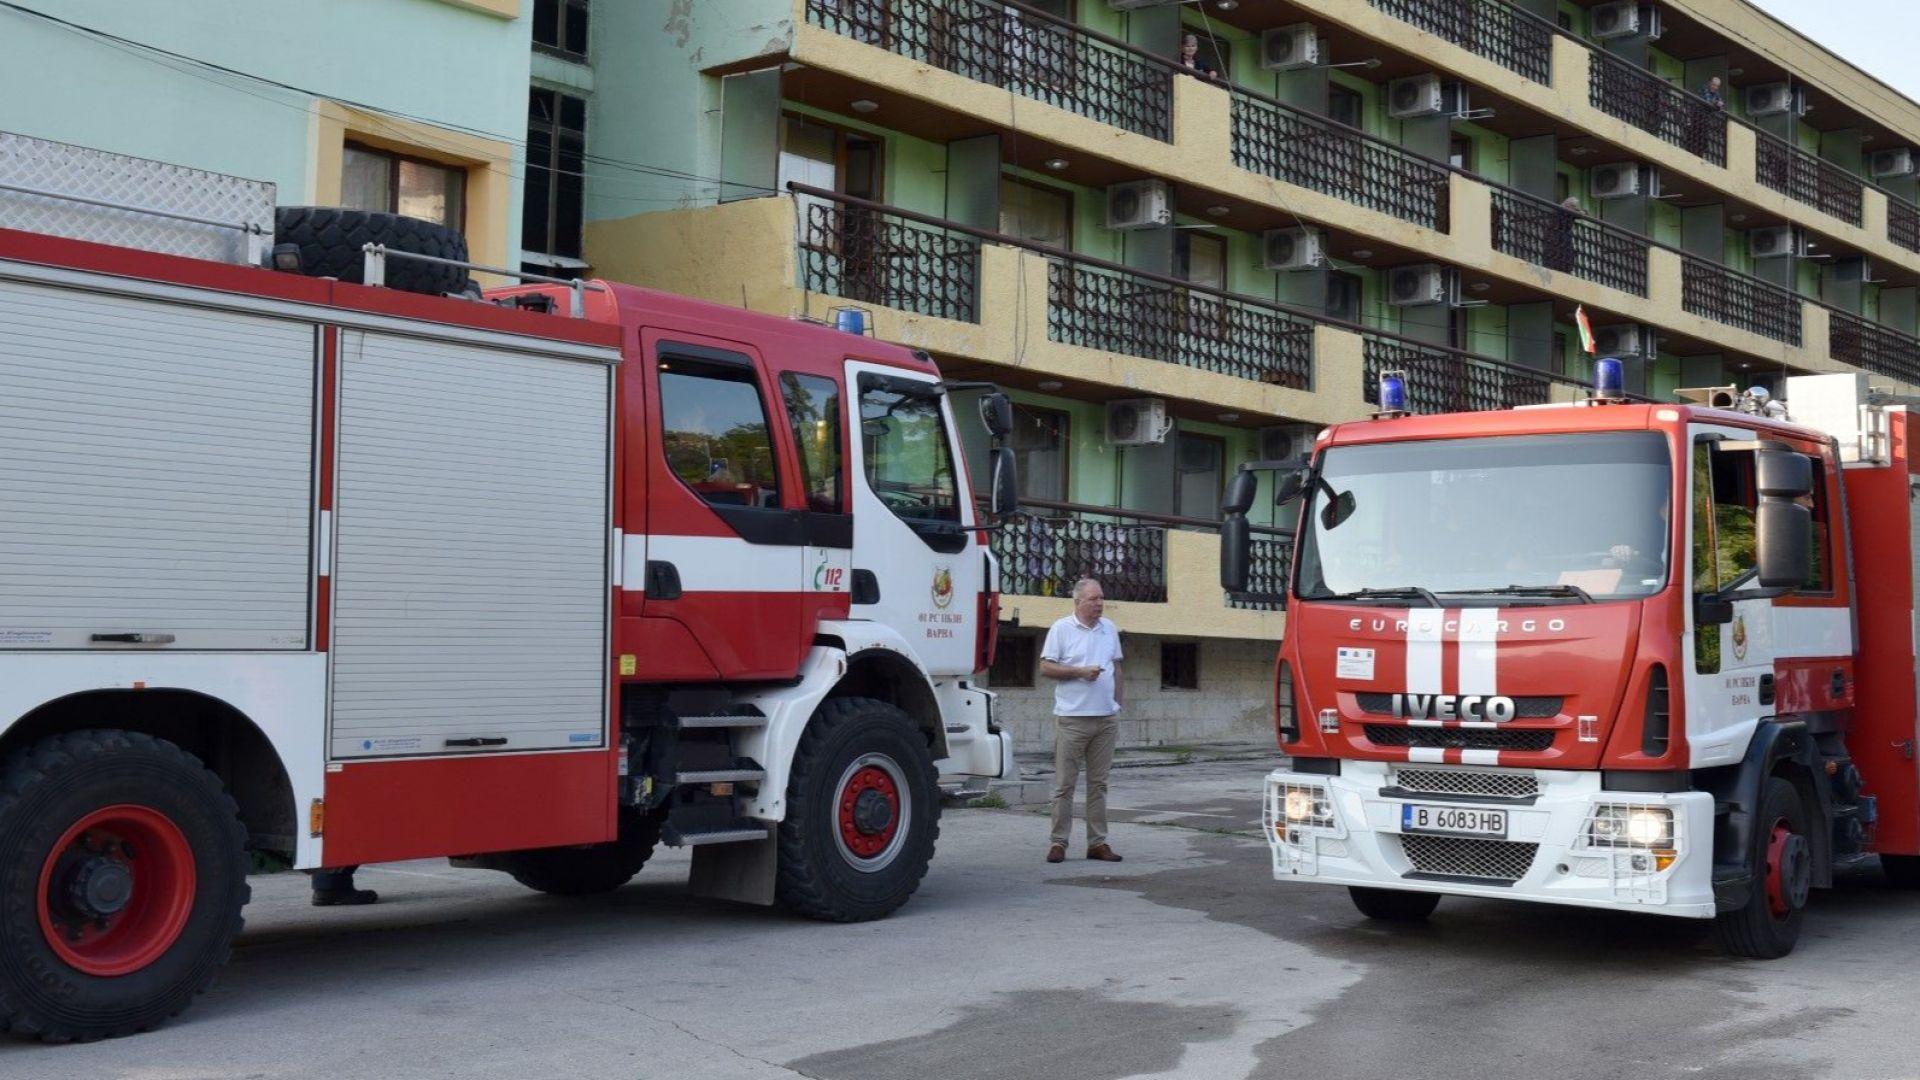 Пожар във варненски дом за възрастни: Един загинал, 7 в болница, десетки евакуирани